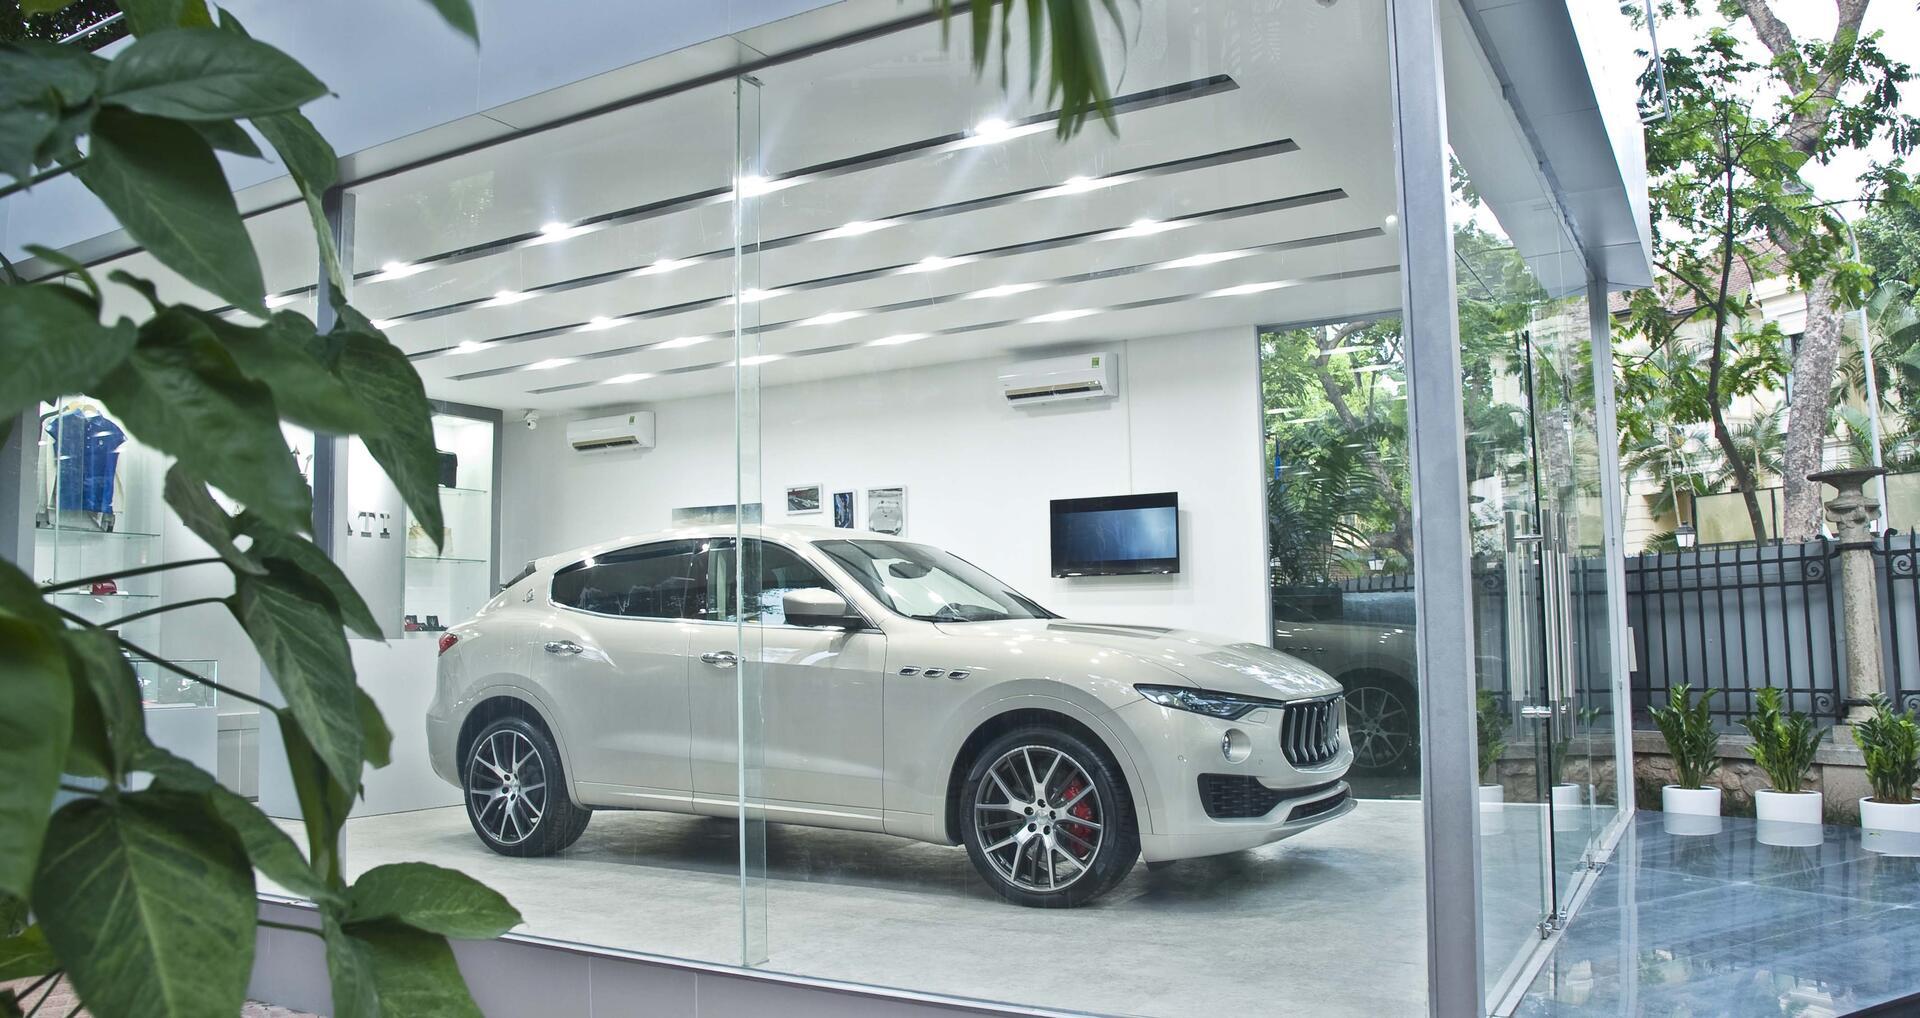 Khai trương Ngôi nhà Maserati tại Hà Nội - Hình 2